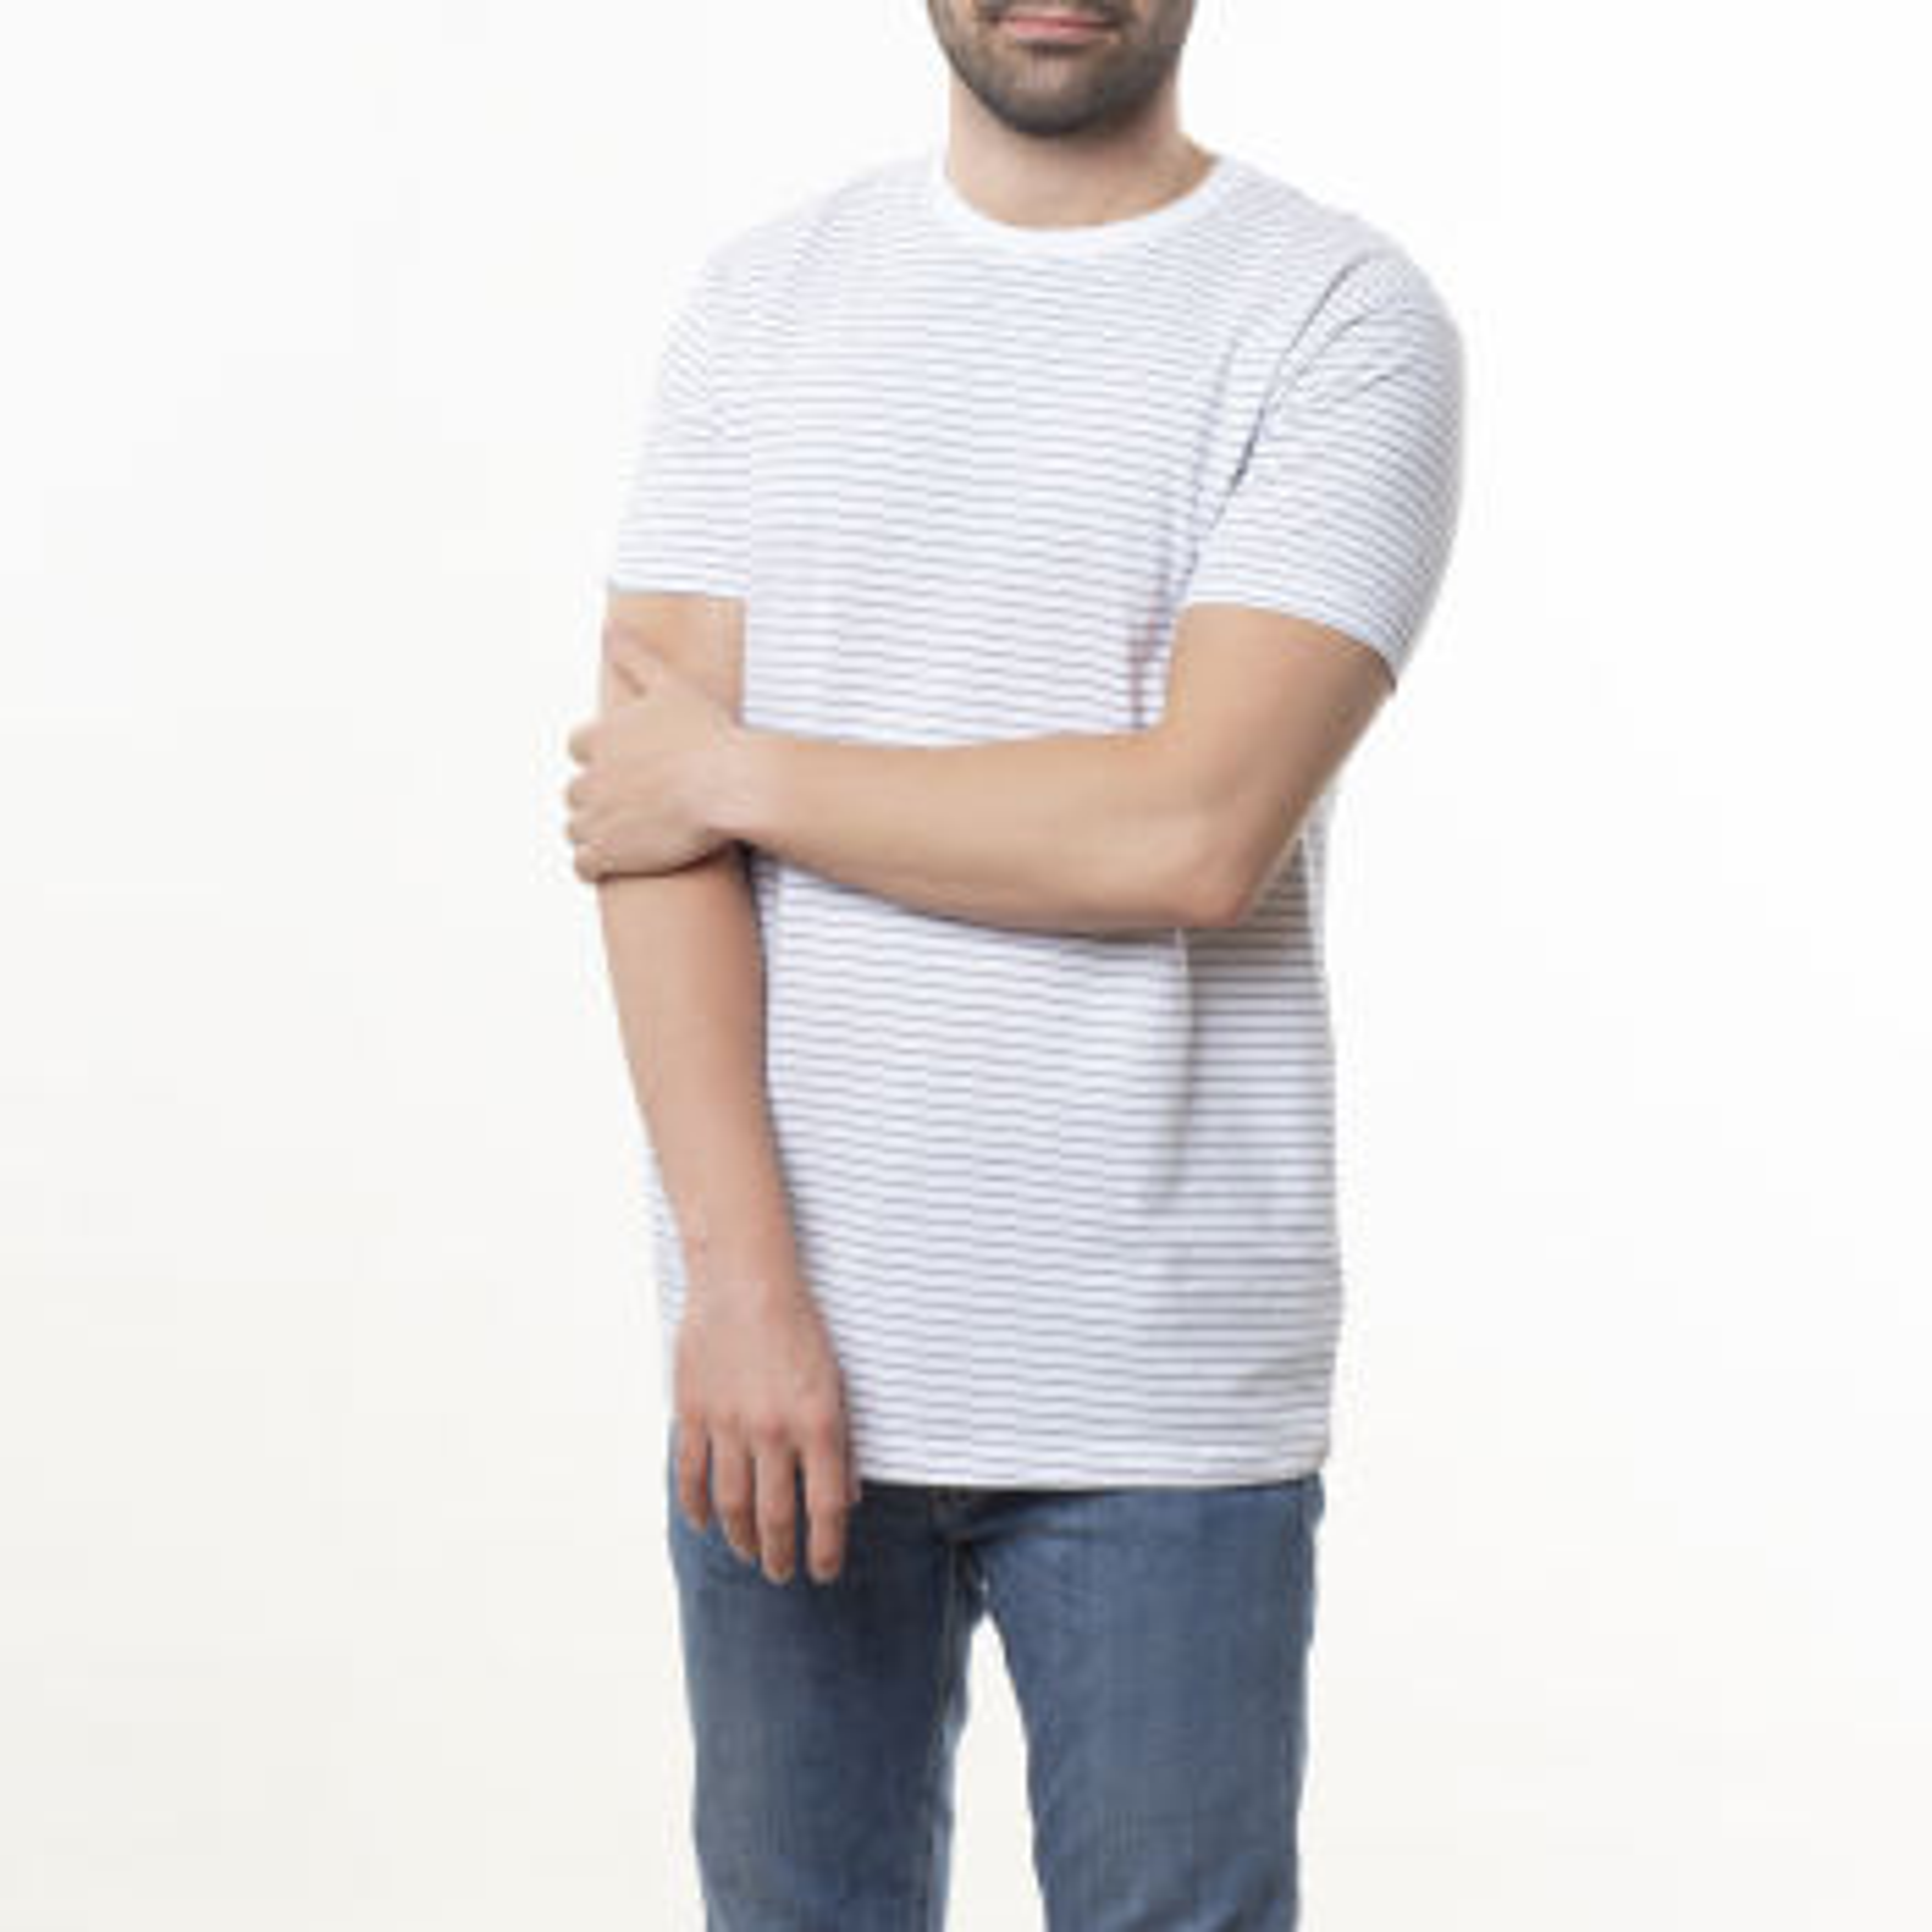 تیشرت مردانه رونی مدل 31220003-00